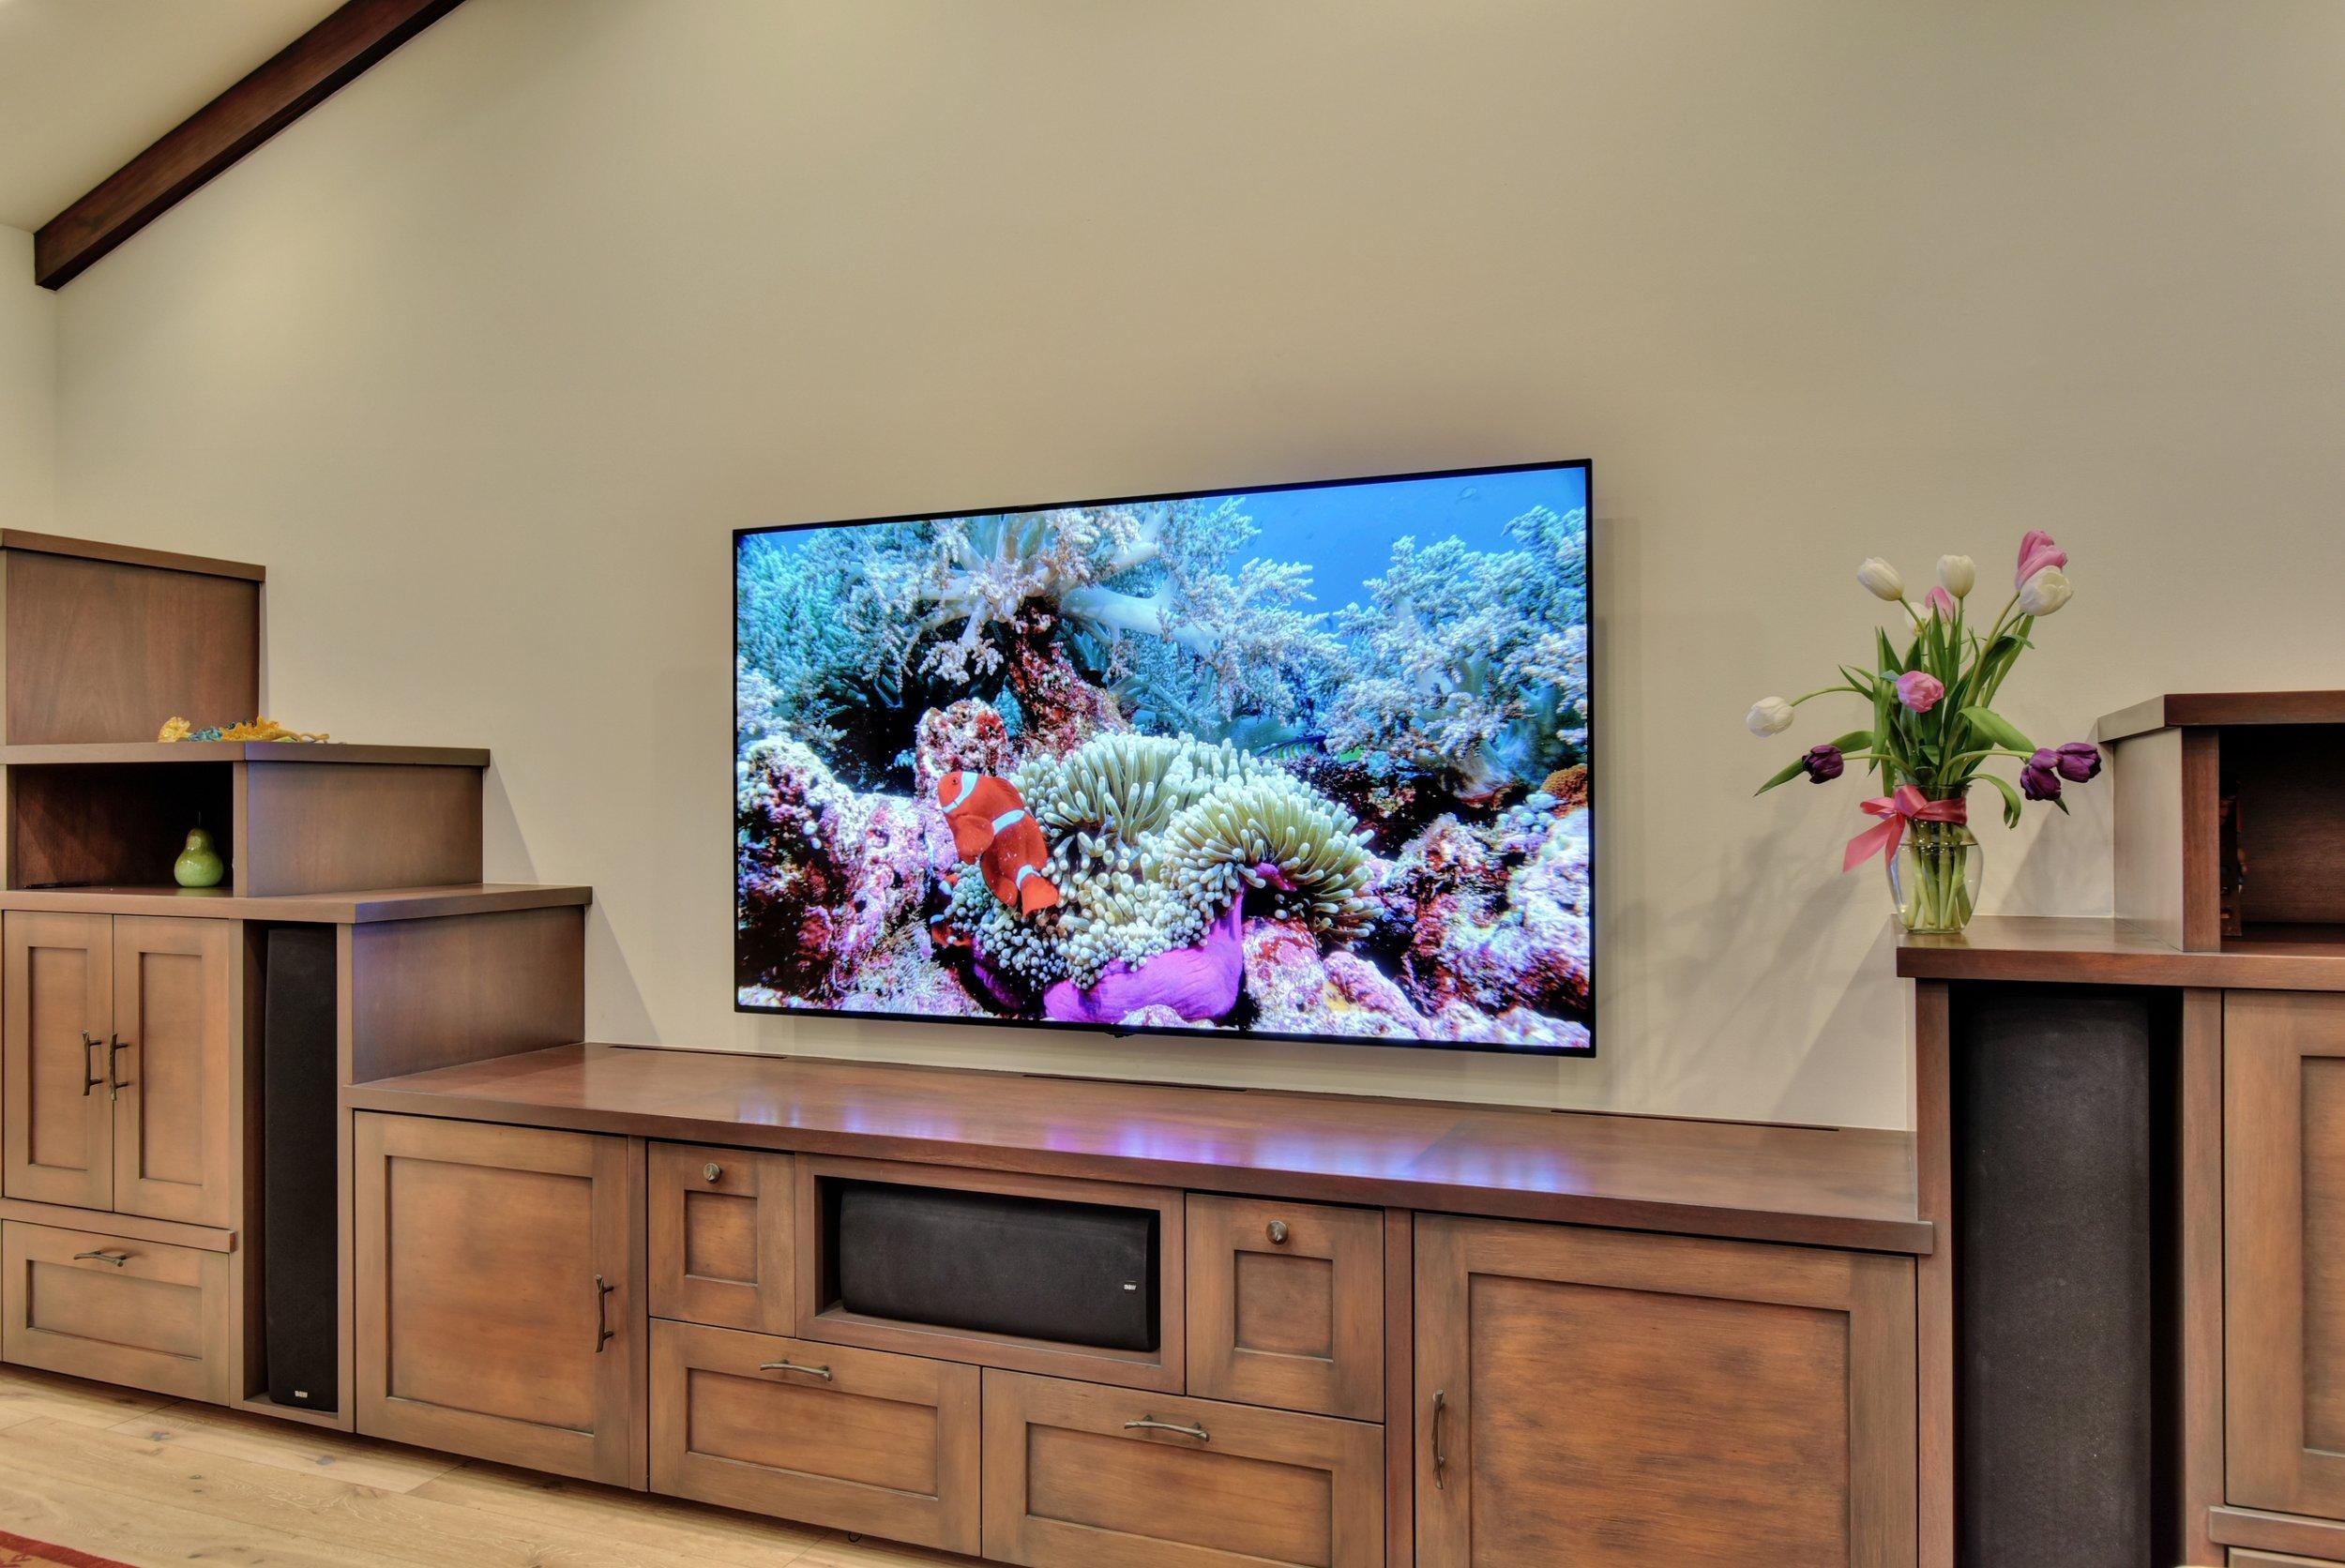 LG OLED 77-inch 4K UHD TV with Anthem MRX 720 AV receiver 7.1 surround sound system